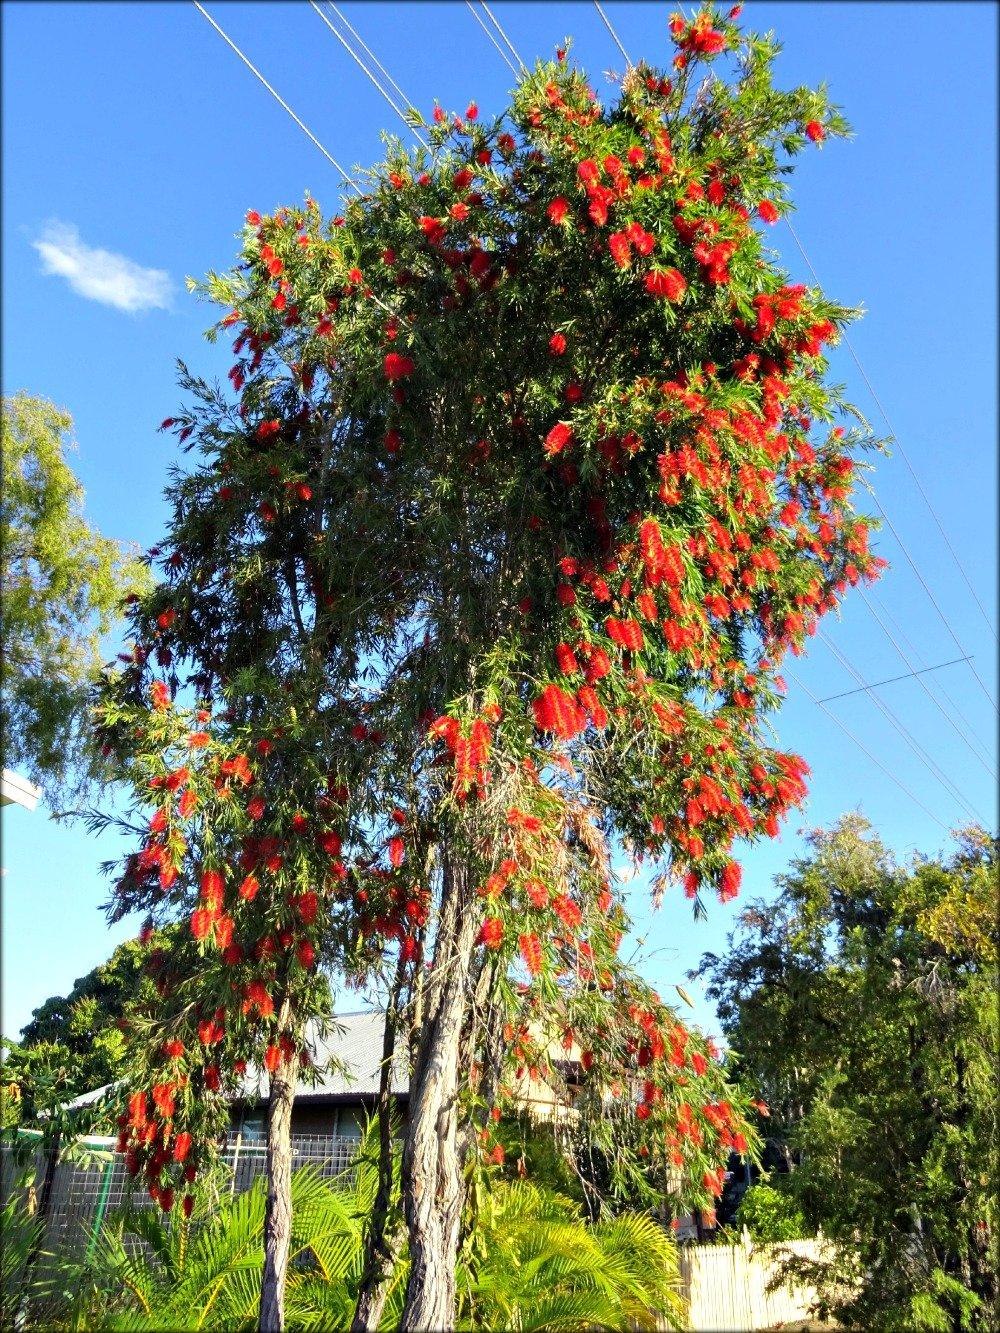 Townsville Bottle Brush Tree